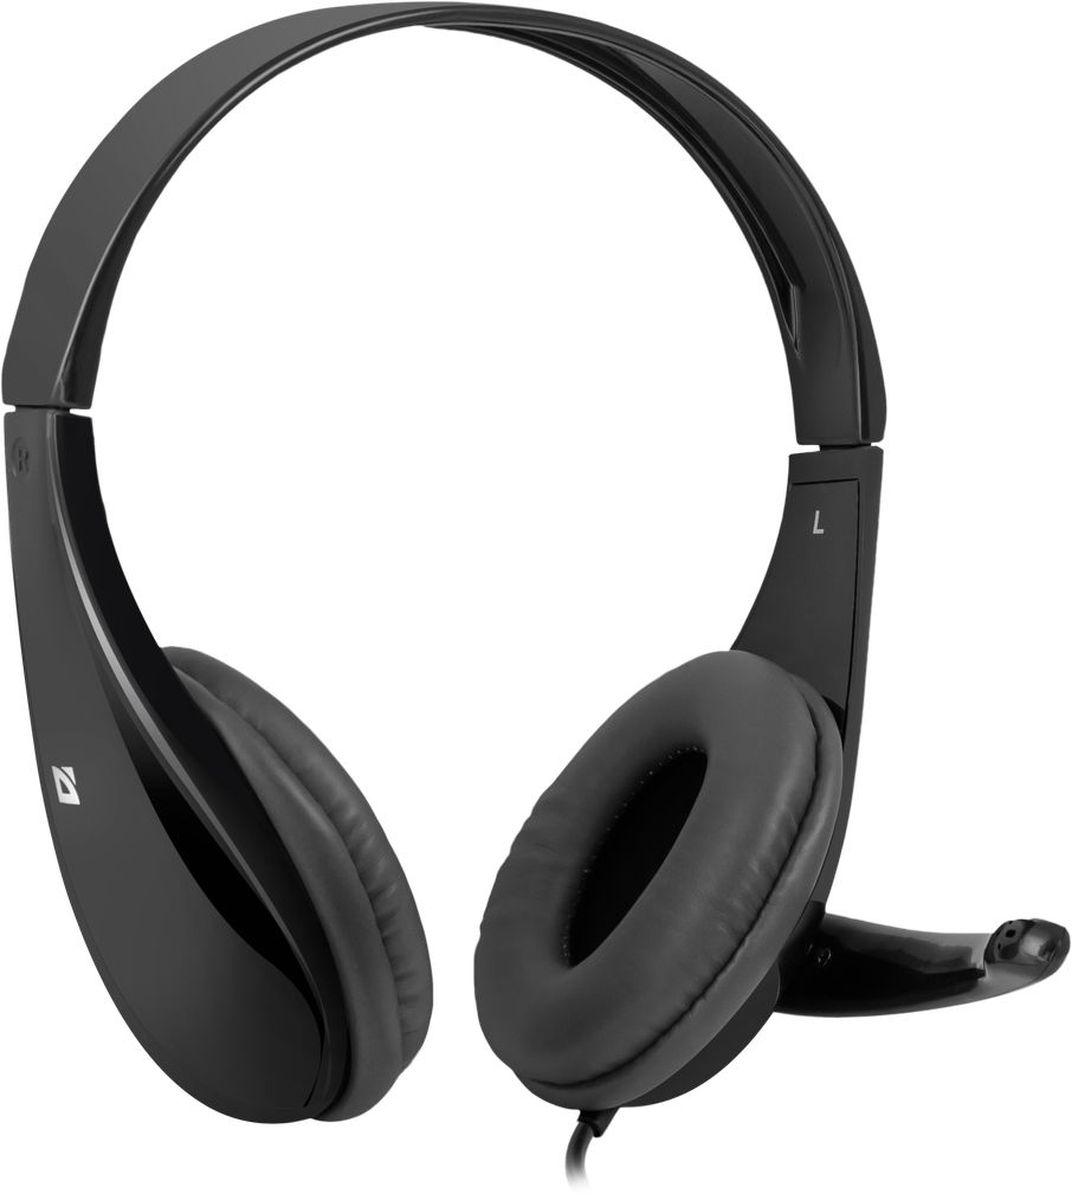 Defender Aura 111, Black компьютерная гарнитура63111Гарнитура Defender Aura 111 предназначена для смартфонов, планшетных компьютеров, ноутбуков нового поколения, использующих комбинированный четырехпиновый разъем для наушников и микрофона. На кабеле гарнитуры удобно расположен регулятор громкости. Благодаря хорошей звукоизоляции и комфортным амбюшурам слушайте любимую музыку и аудиокниги в дороге - ничто не будет вам мешать!Частотный диапазон микрофона: 20 Гц - 16 кГцСопротивление микрофона: 2,2 кОмЧувствительность микрофона: 54 дБ